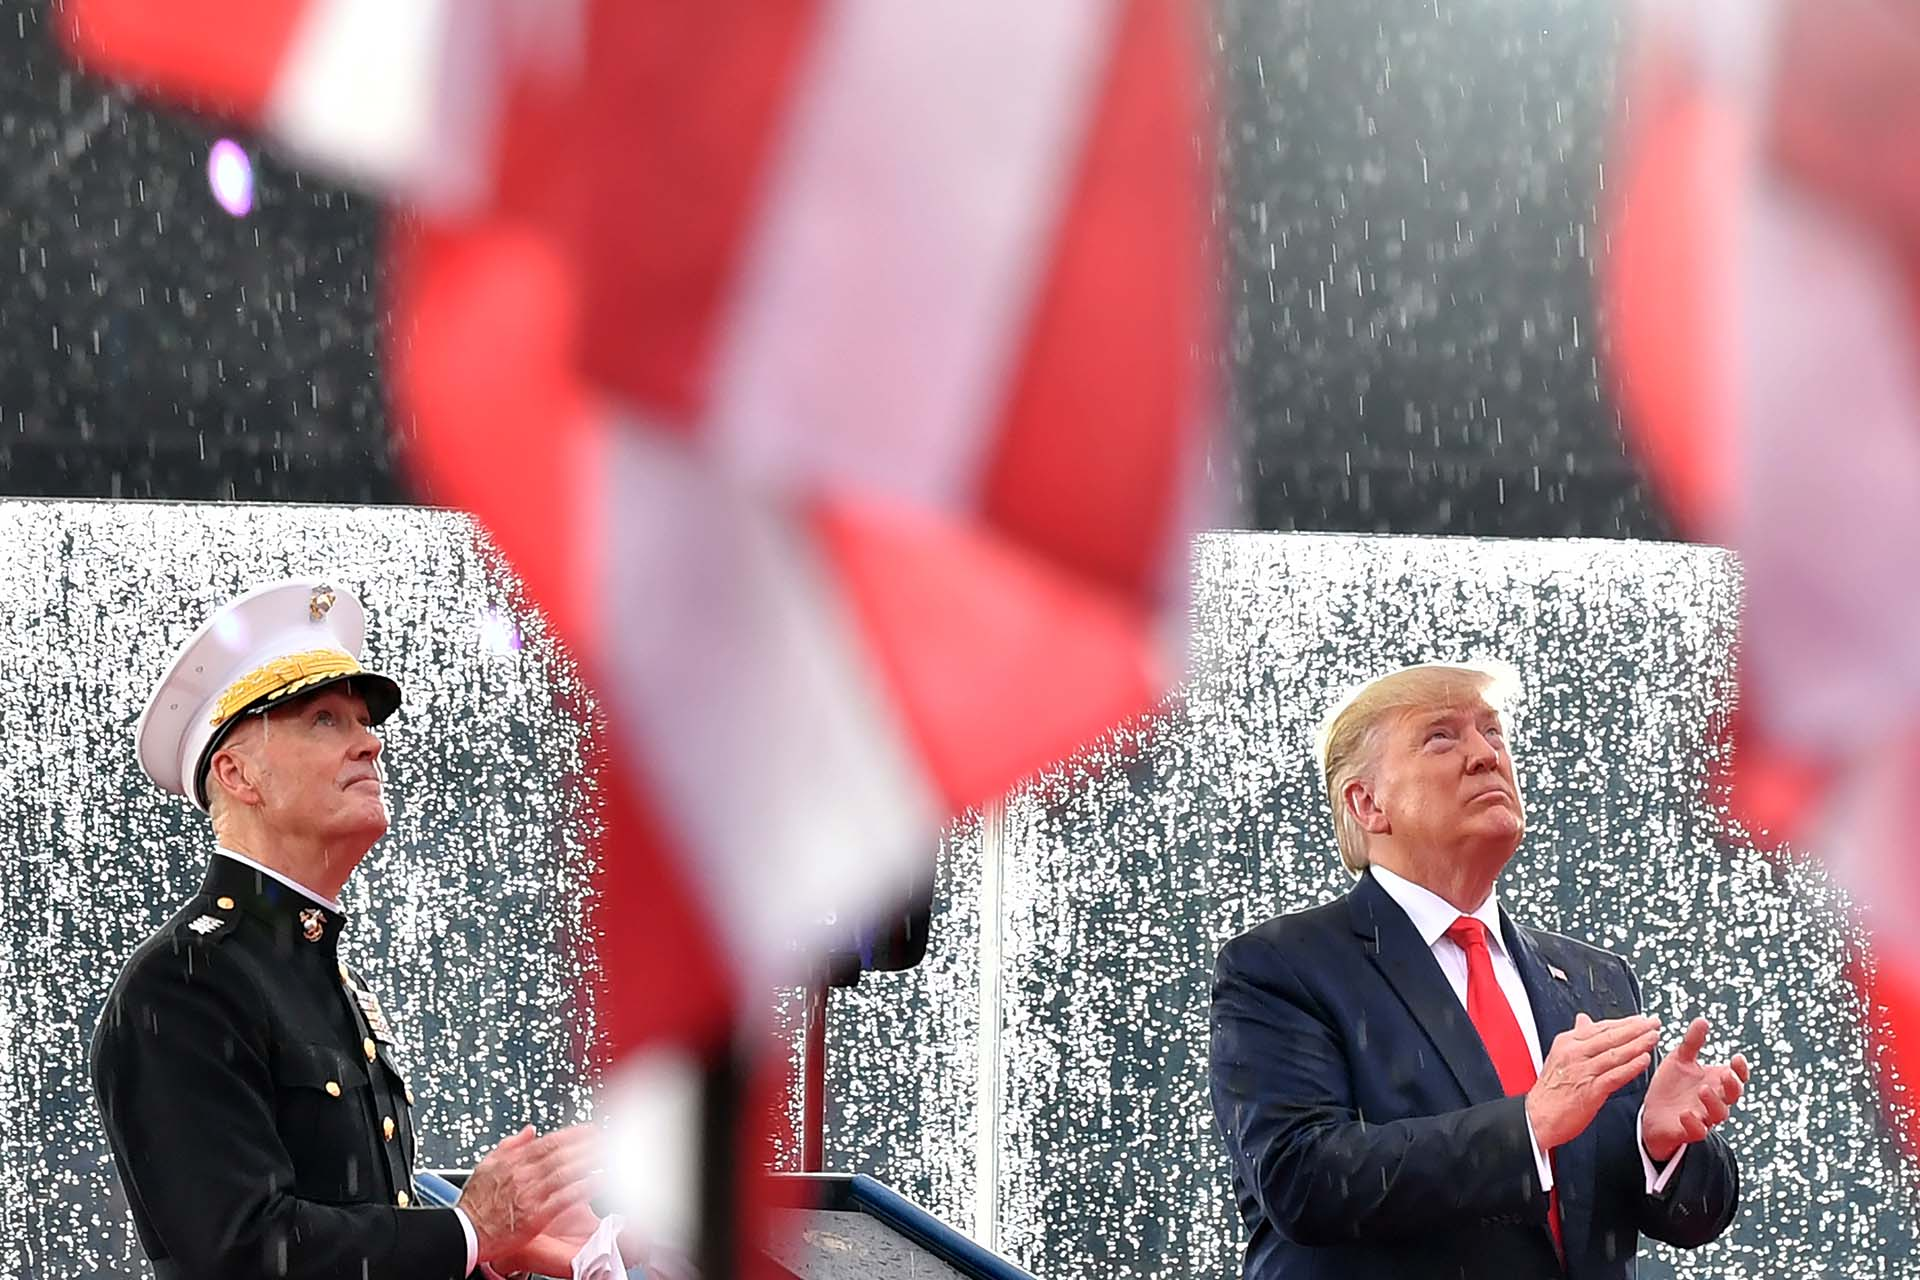 Donald Trump y Joseph Dunford, presidente del Estado Mayor Conjunto de los Estados Unidos, observaron las demostraciones de vuelo en Washington